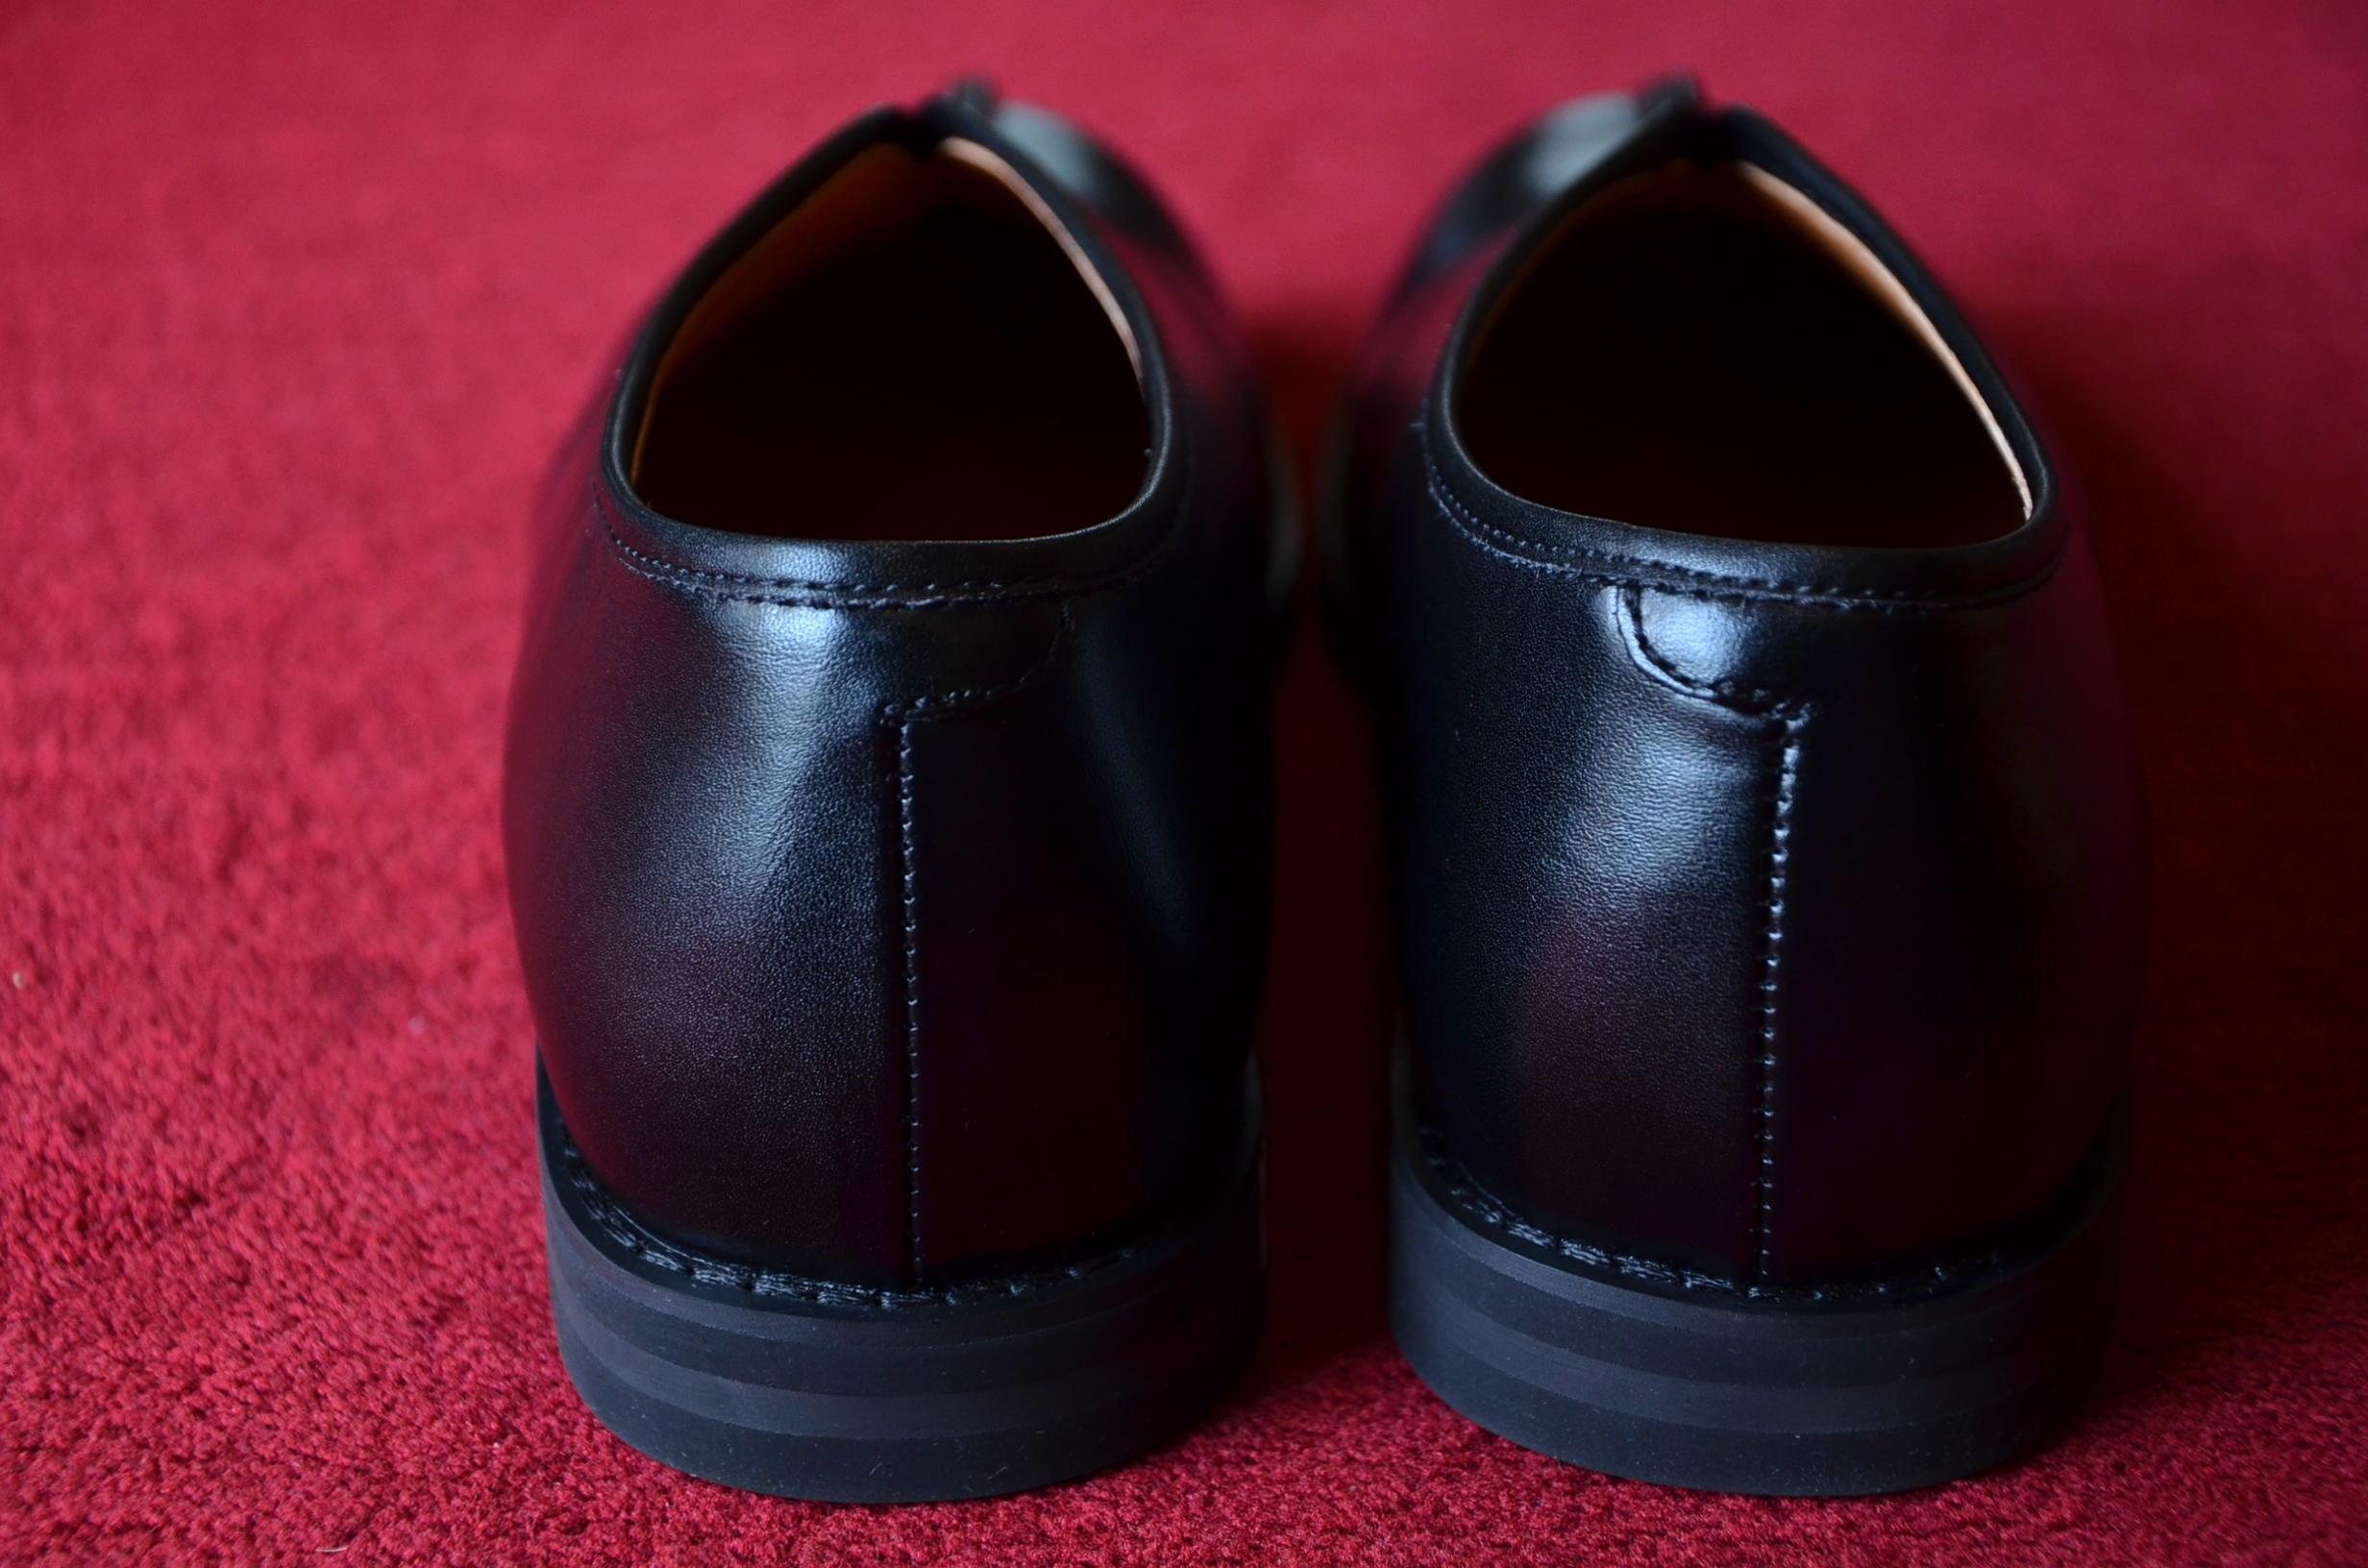 シーンを選ばずいつでも履ける、革靴です。_c0167336_19444274.jpg